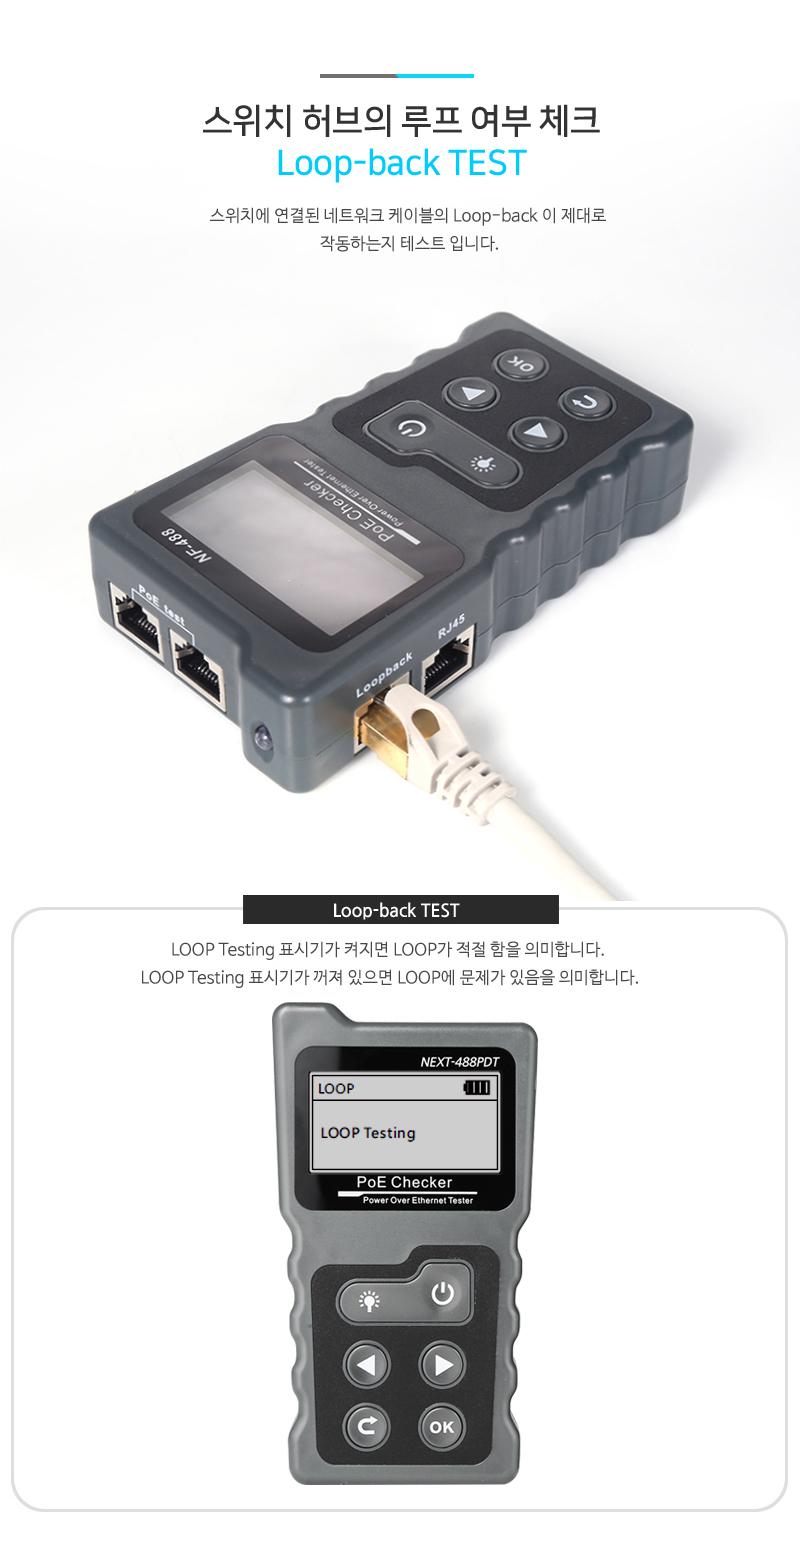 이지넷유비쿼터스  POE 랜 테스터기 (NEXT-488PDT)